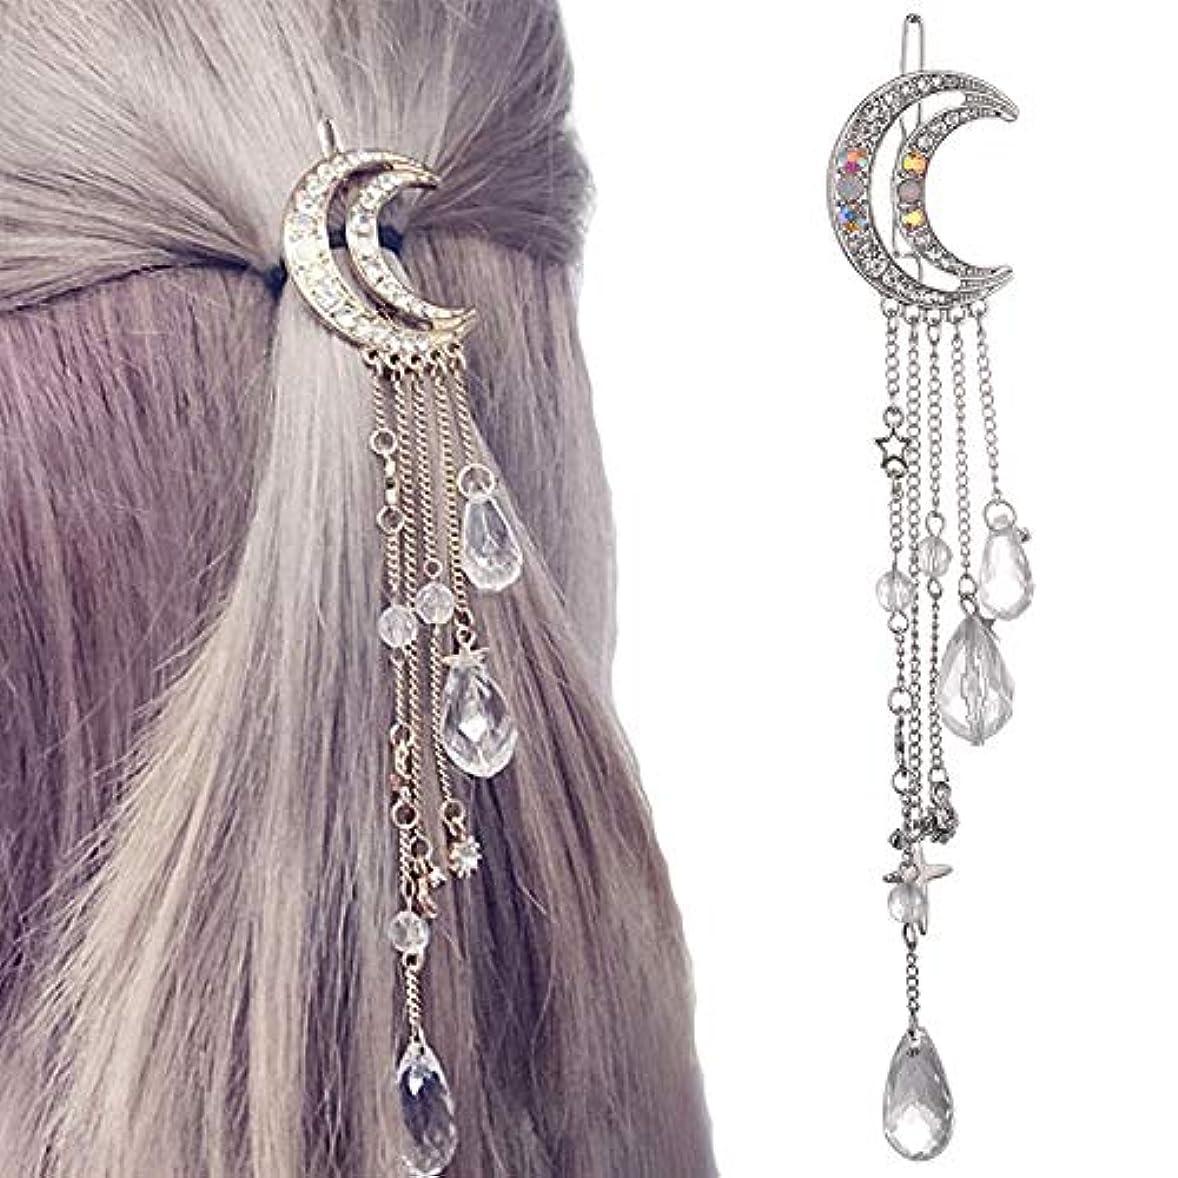 受け継ぐキャプチャー最近Hairpinheair YHMファッションエレガントな女性レディムーンラインストーンクリスタルタッセルロングチェーンビーズブラブラヘアピンヘアクリップヘアジュエリー(ゴールド) (色 : Silver)